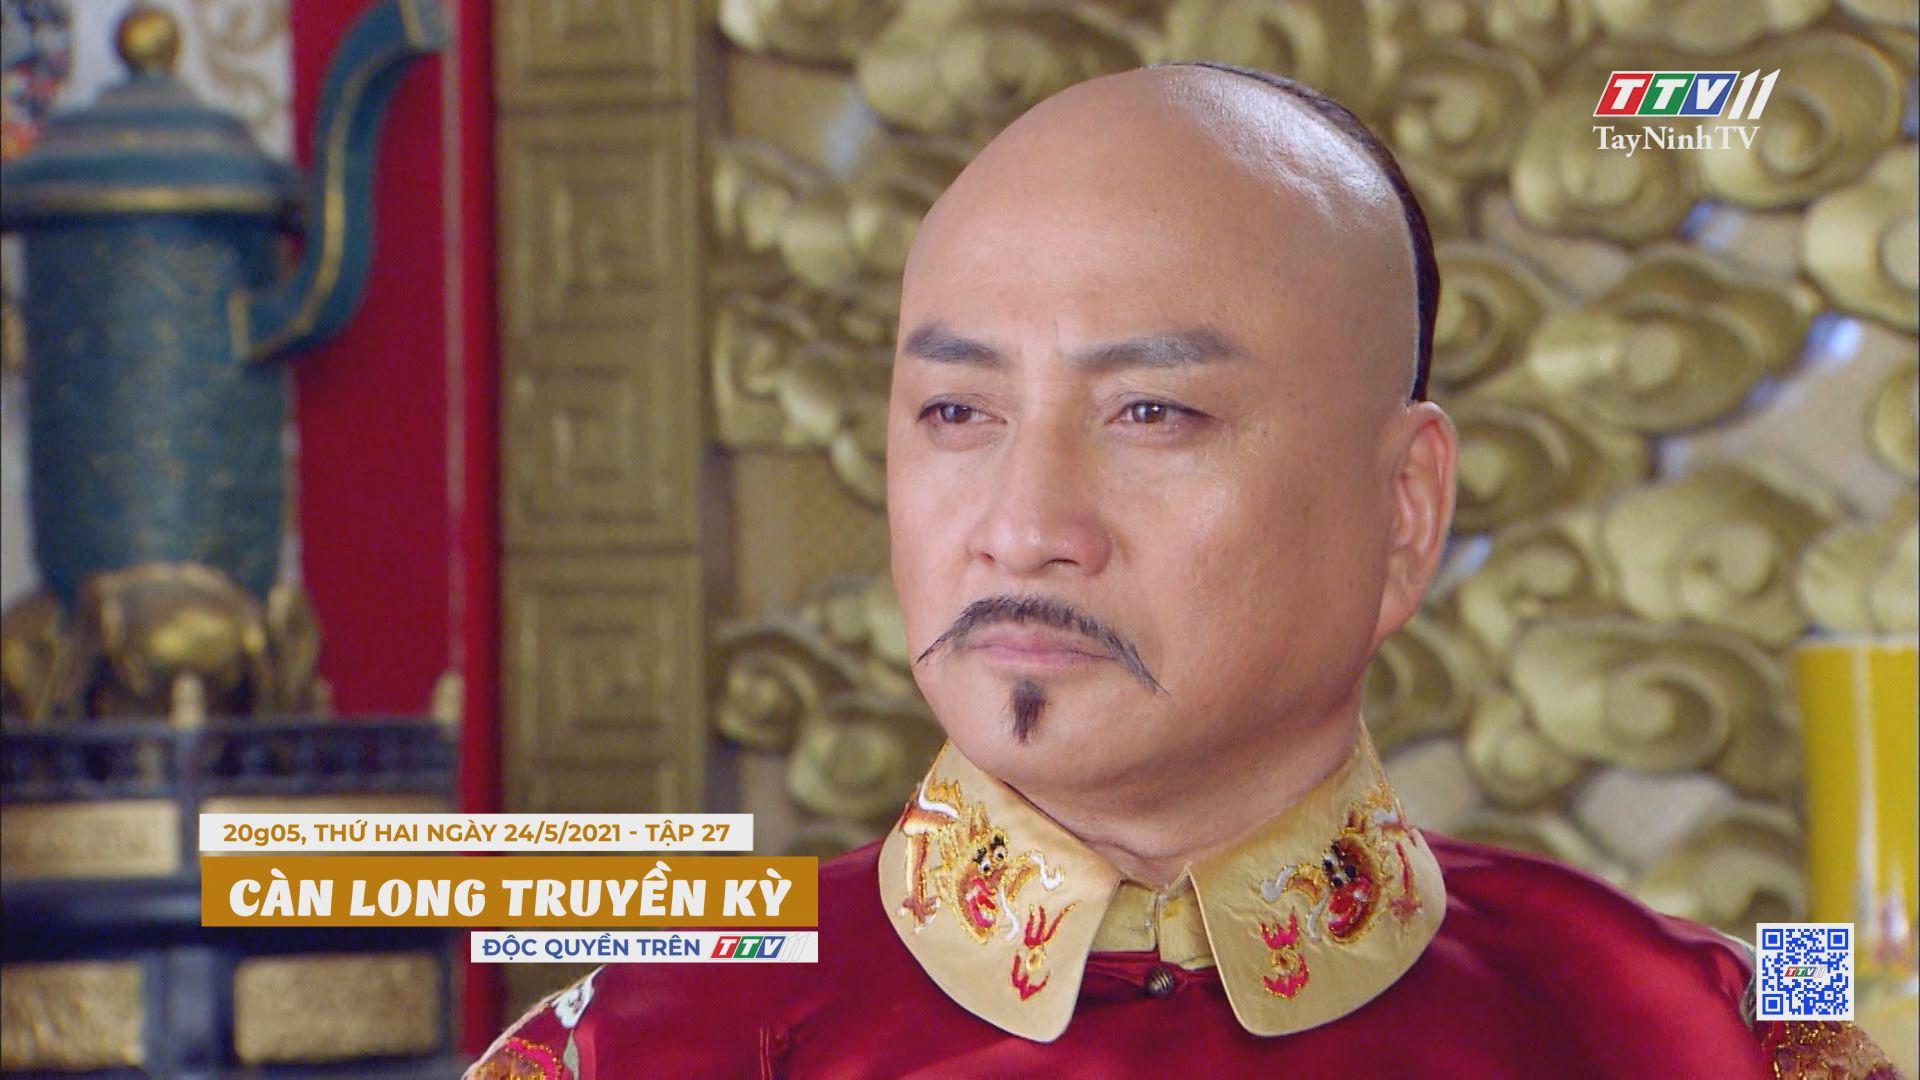 Càn Long truyền kỳ-Trailer tập 27 | PHIM CÀN LONG TRUYỀN KỲ | TayNinhTVE